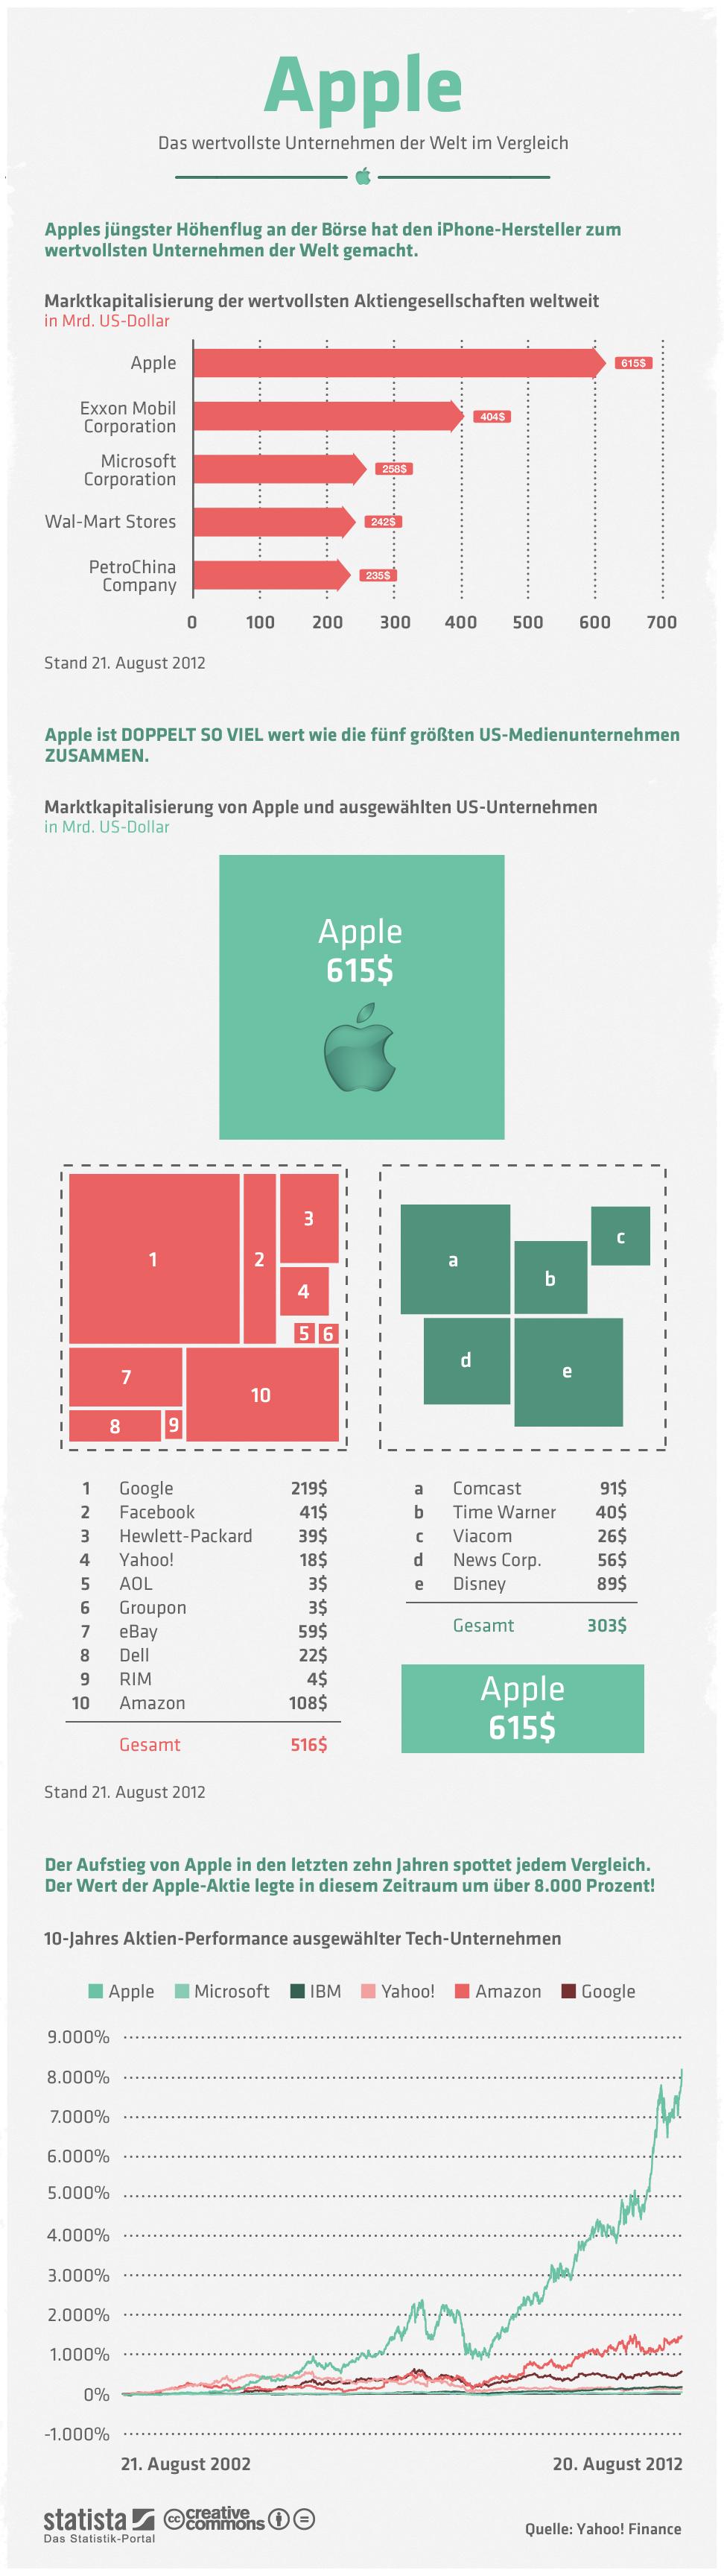 Infografik: Apple im Vergleich | Statista